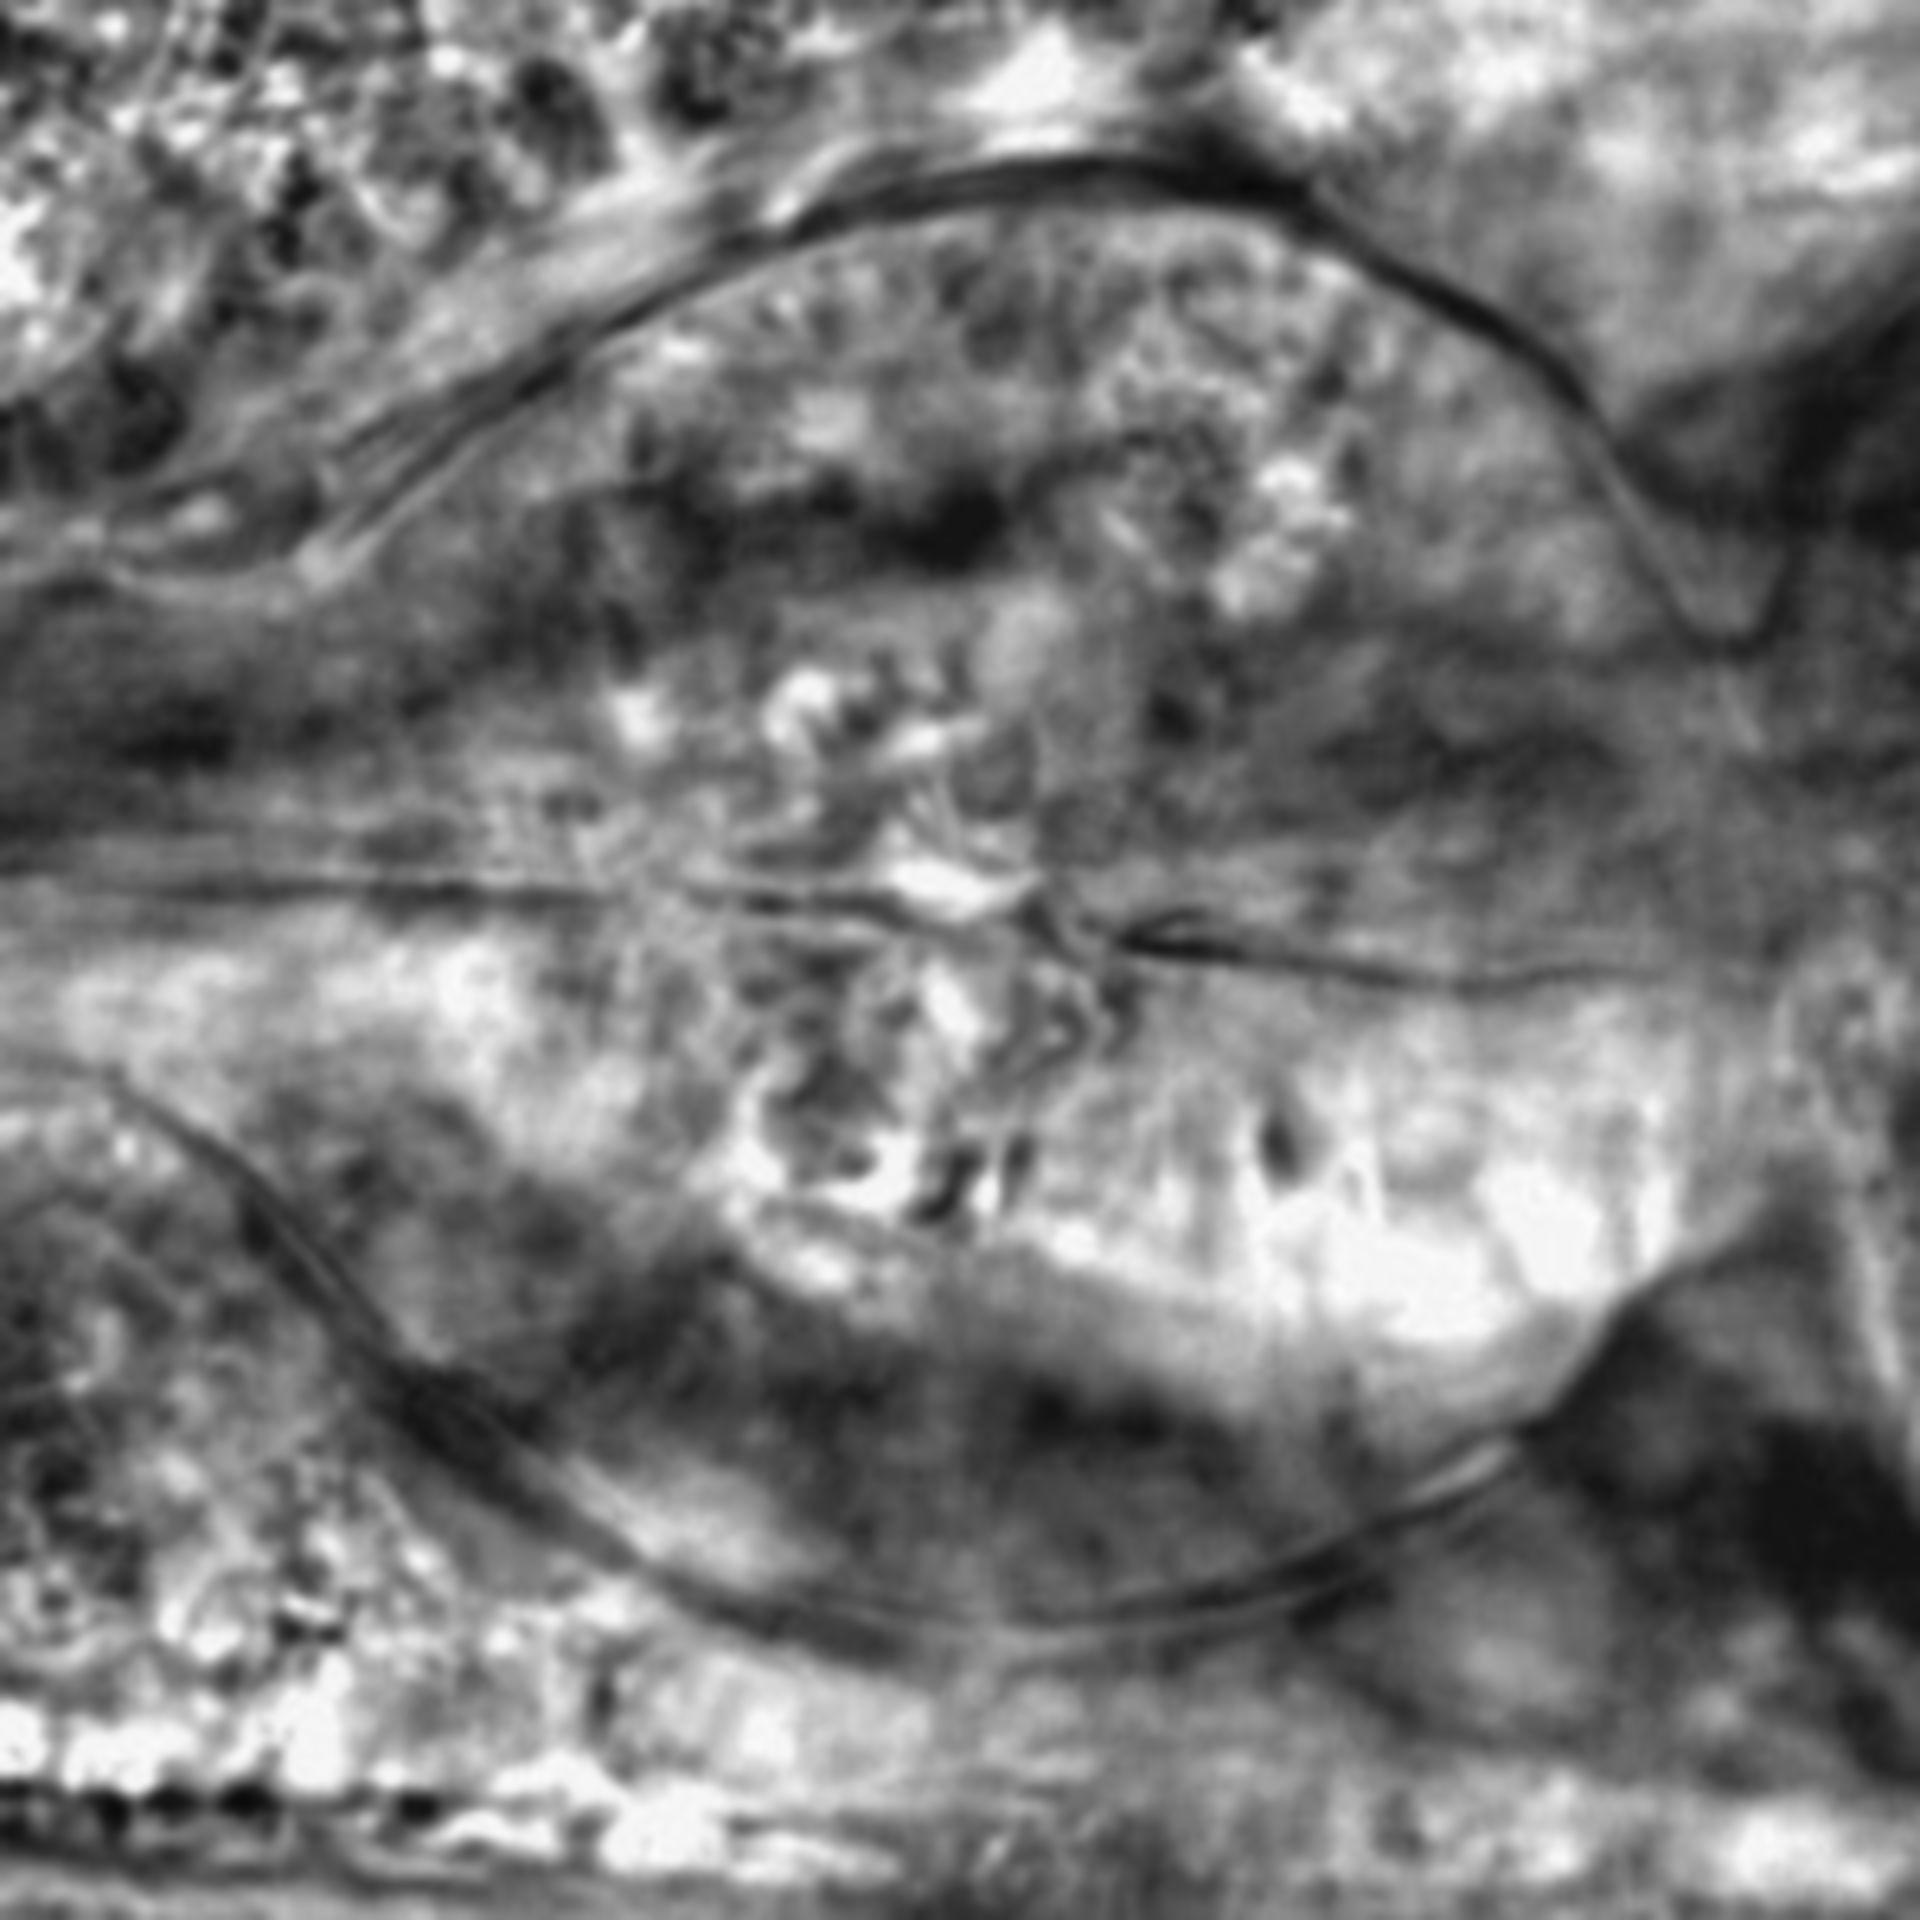 Caenorhabditis elegans - CIL:2788